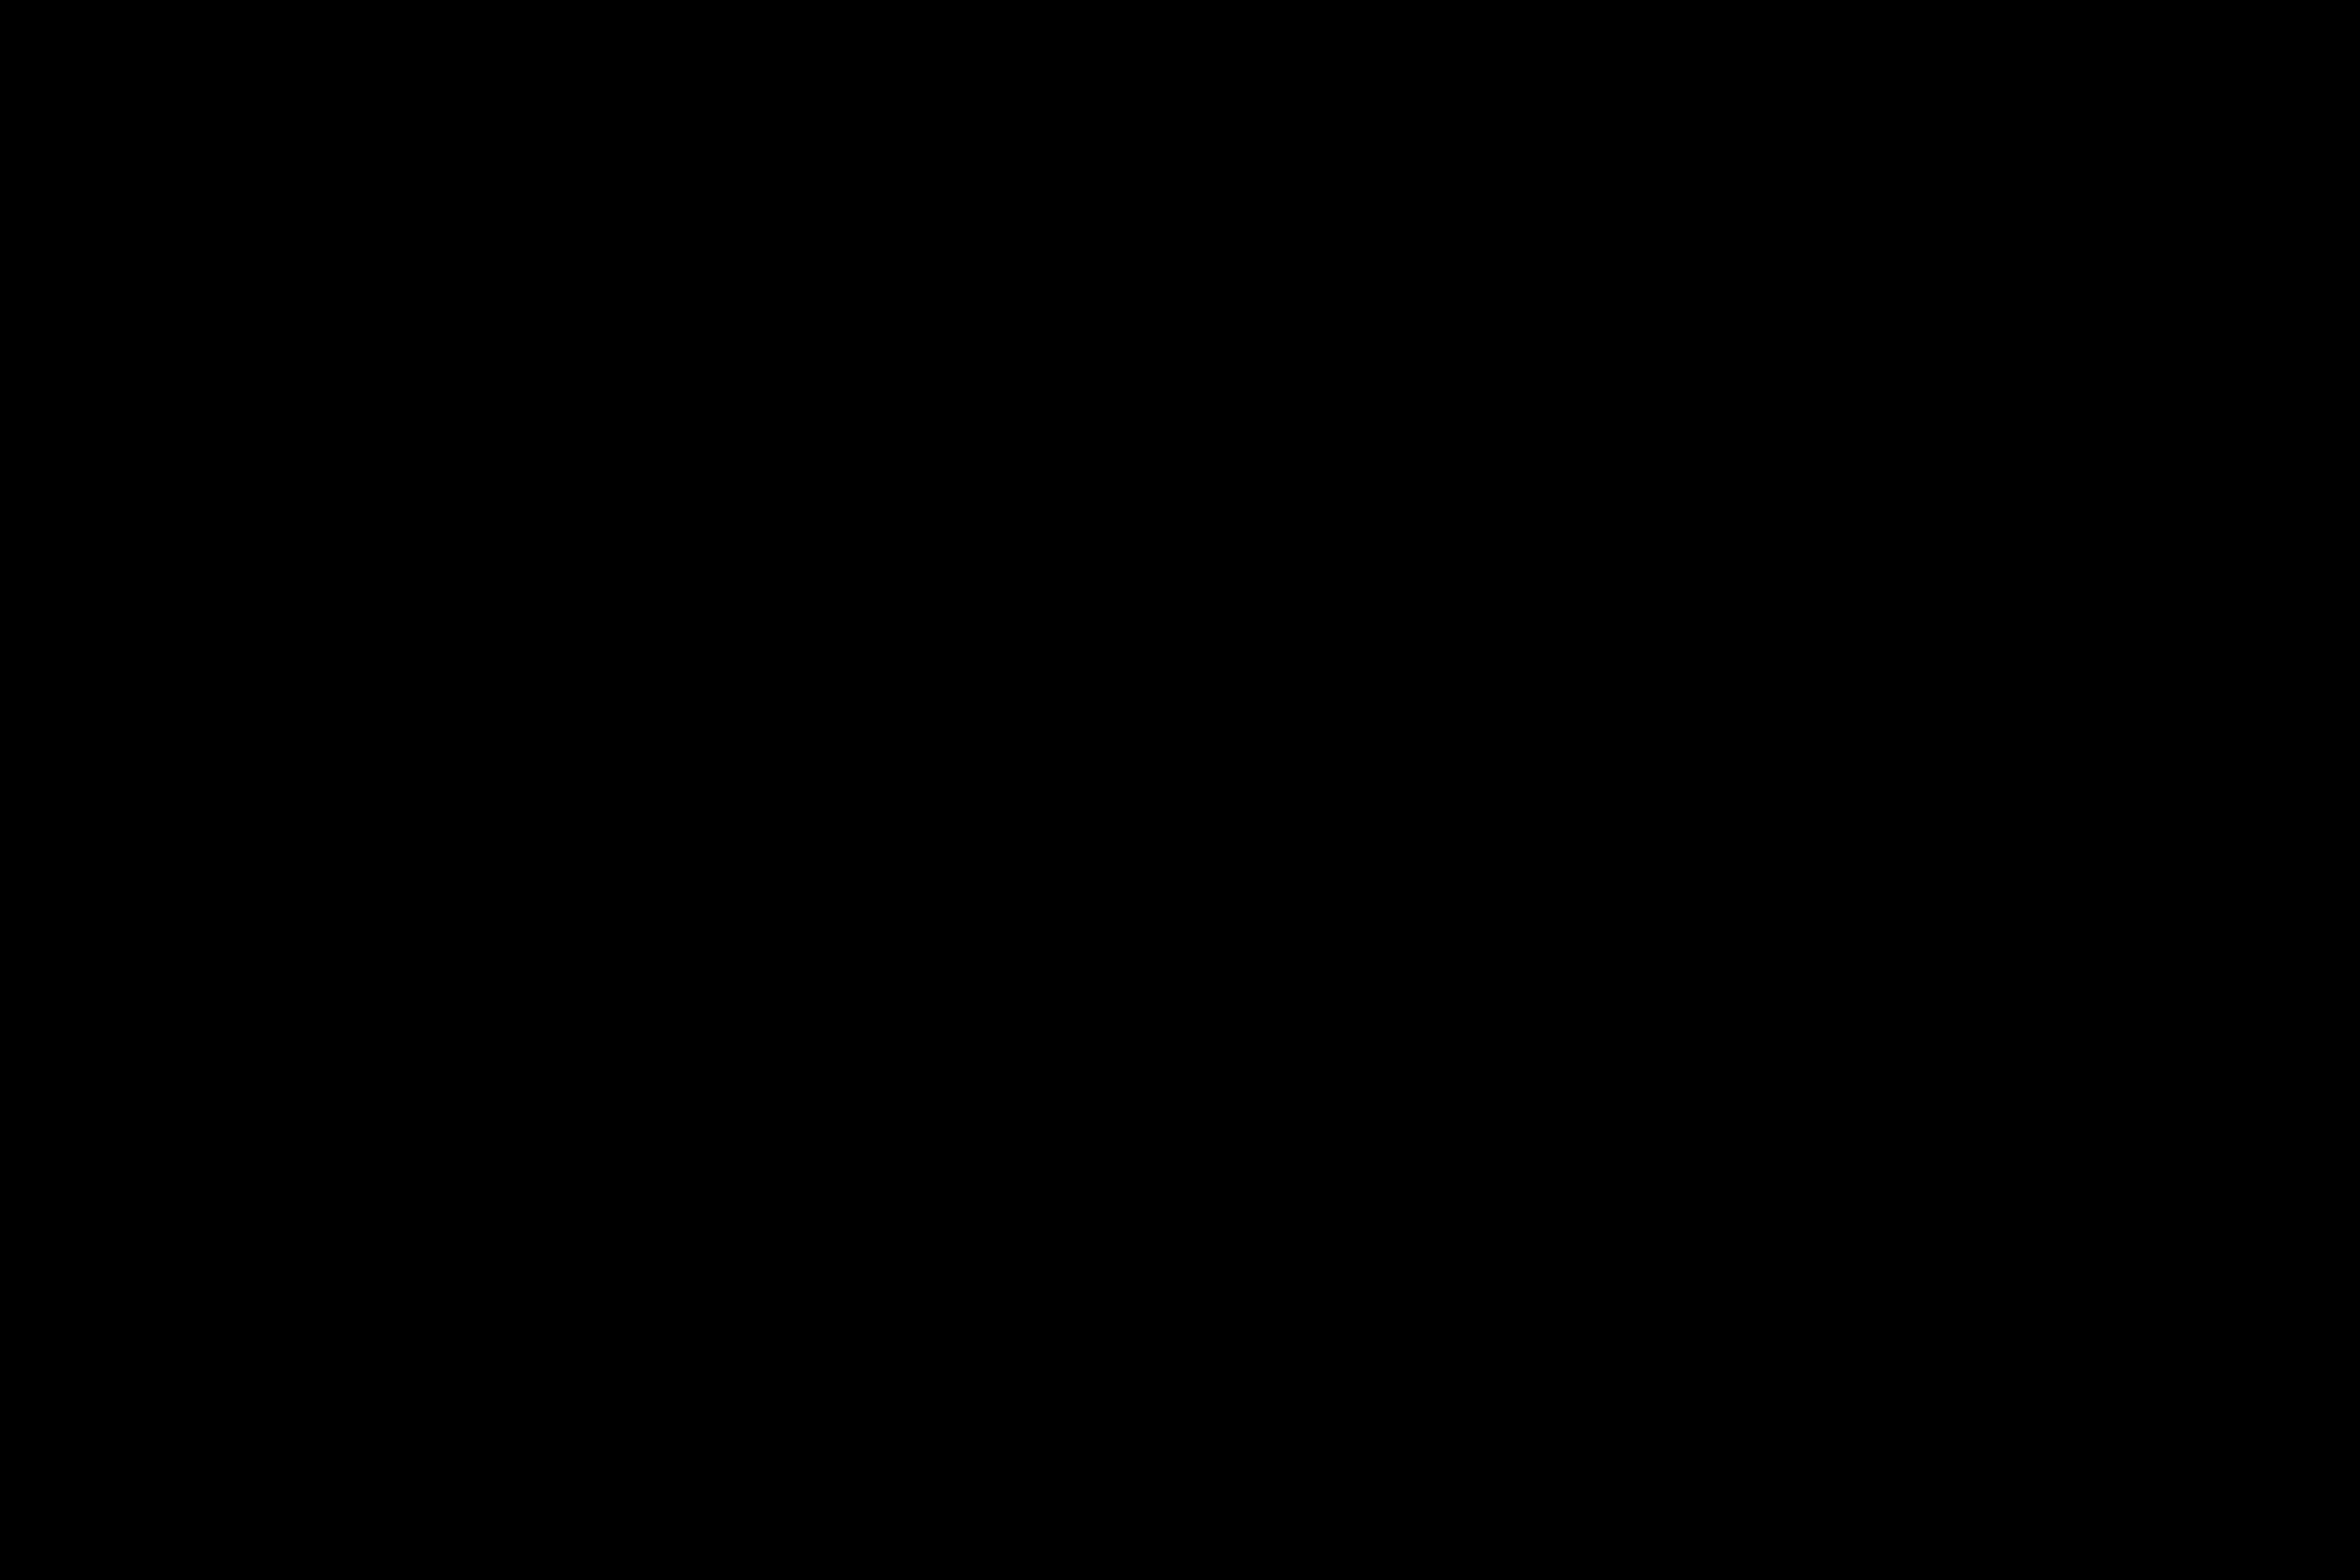 ¨¦cosyst¨¨me technologique de TELUS sur la Basse-C?te-Nord du Qu¨¦bec